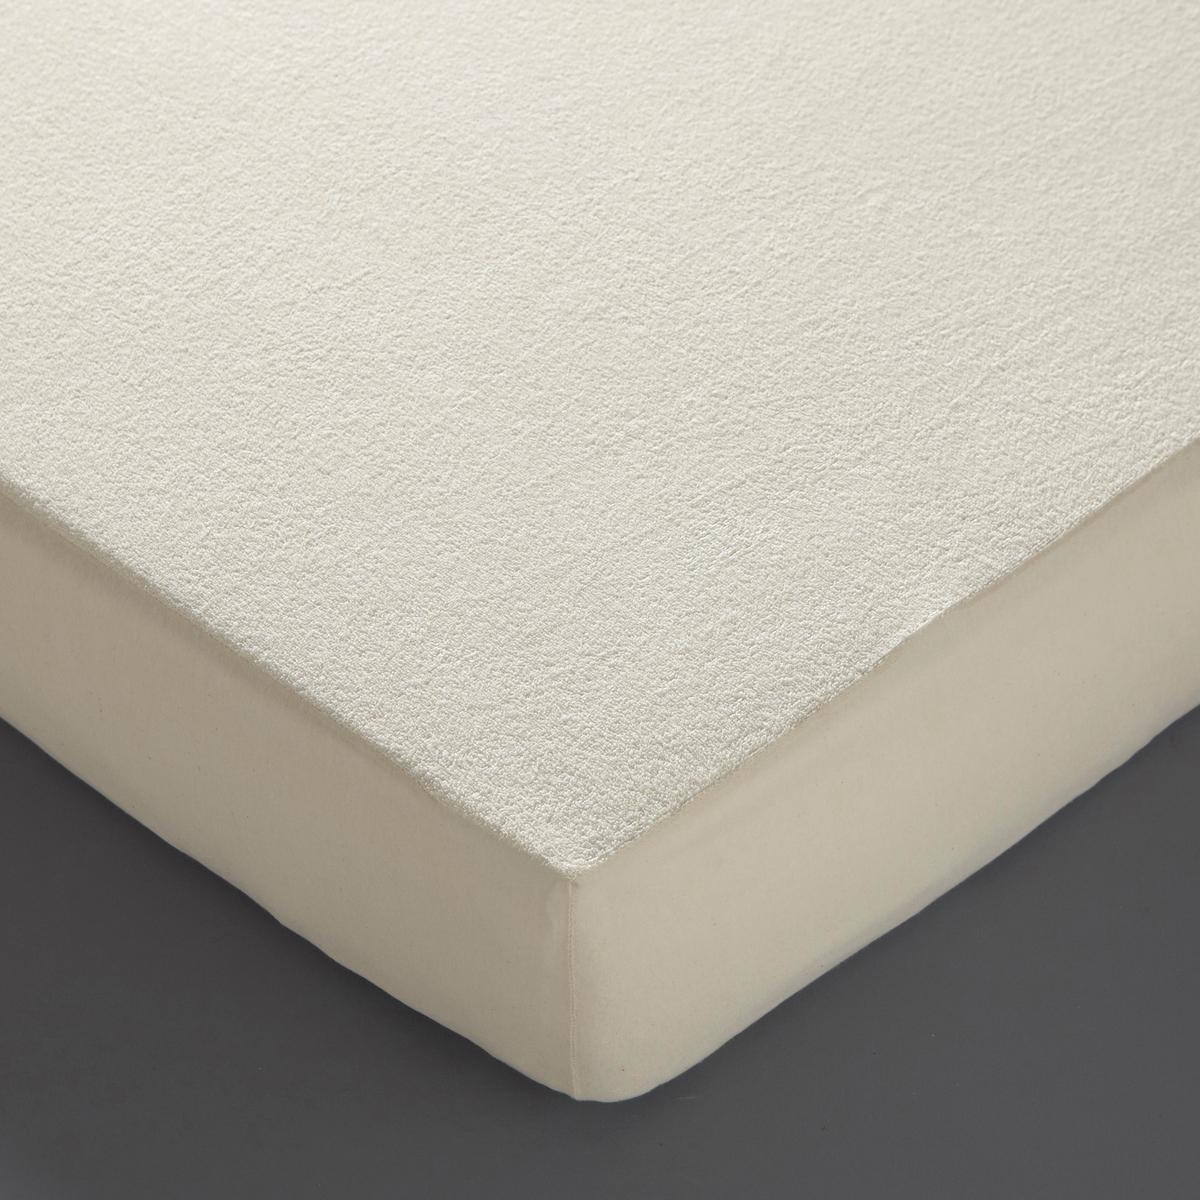 Чехол защитный для матраса из махровой ткани Bio mercury постельные принадлежности набор 4 штуки простыня с набивной чехол на одеяло 100% хлопок